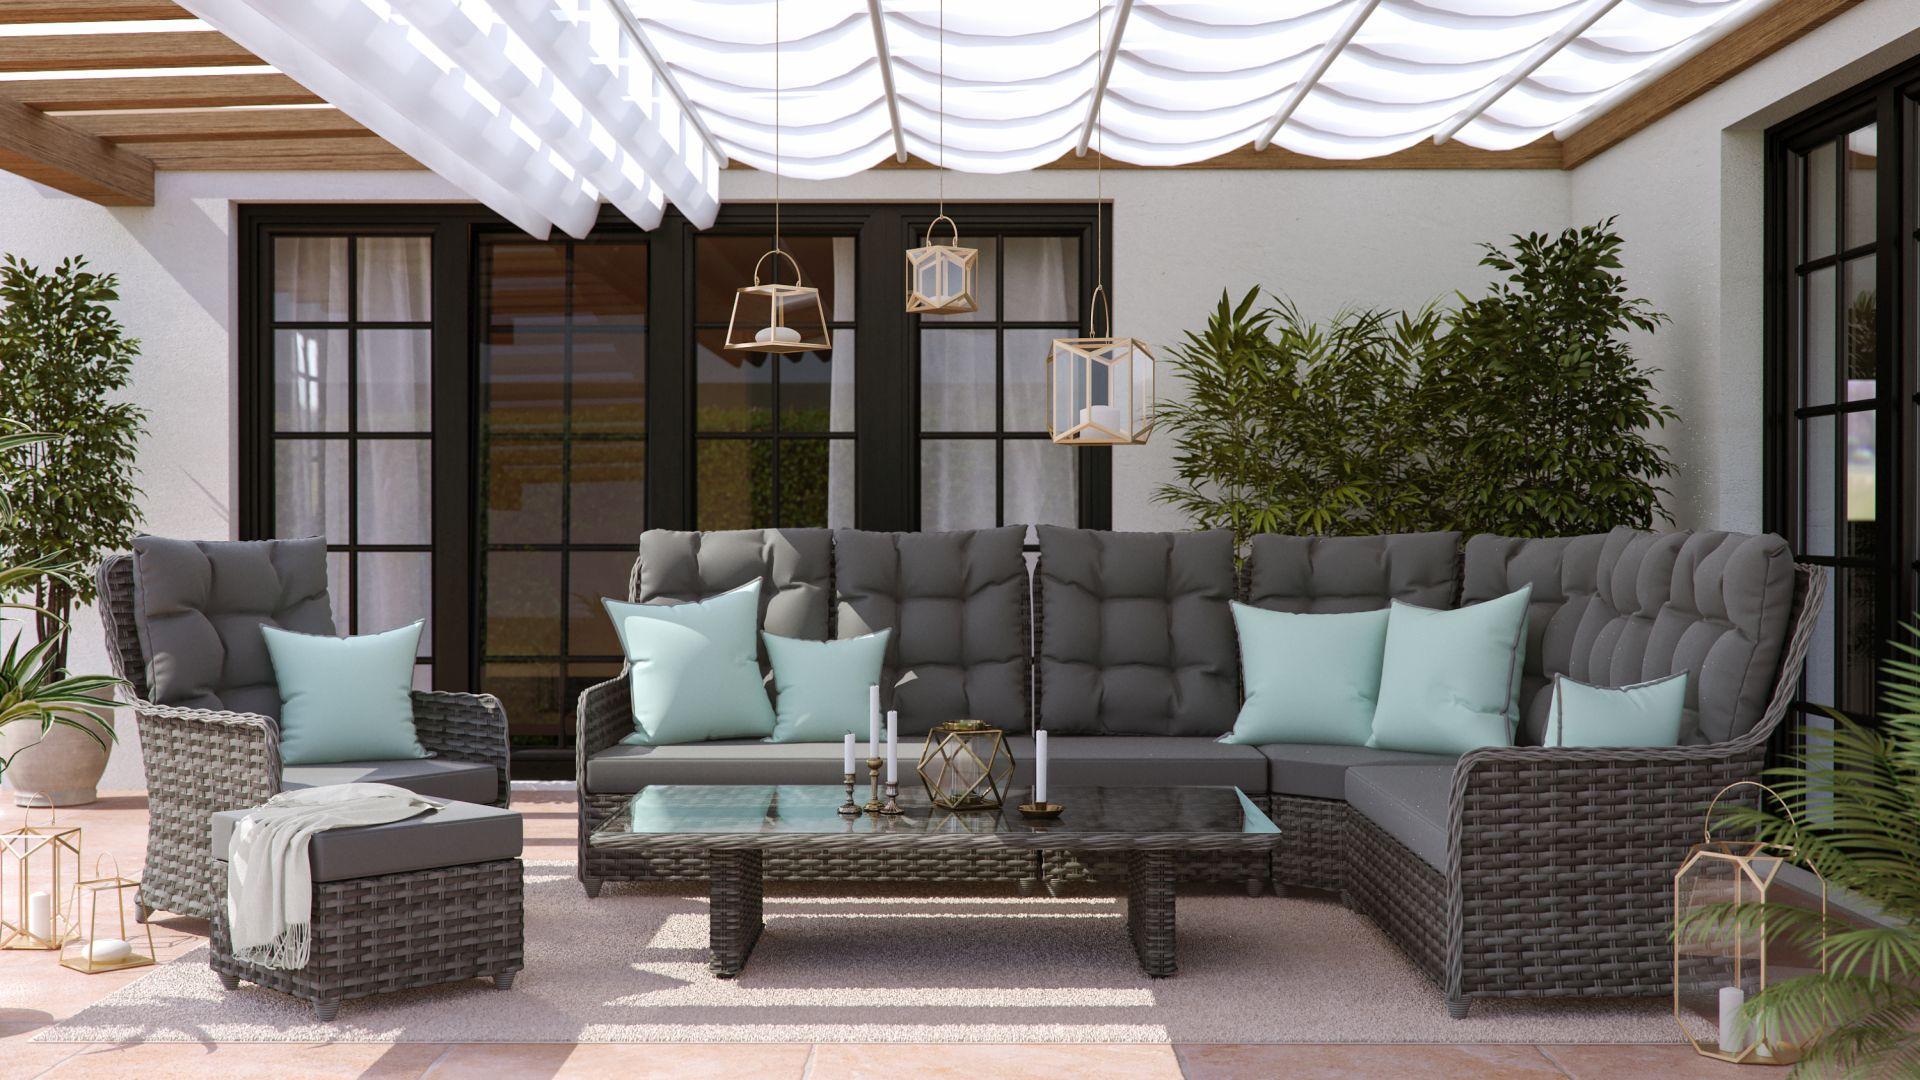 artelia austria gartenm bel esstisch set im lounge design g nstig im rattan shop kaufen. Black Bedroom Furniture Sets. Home Design Ideas